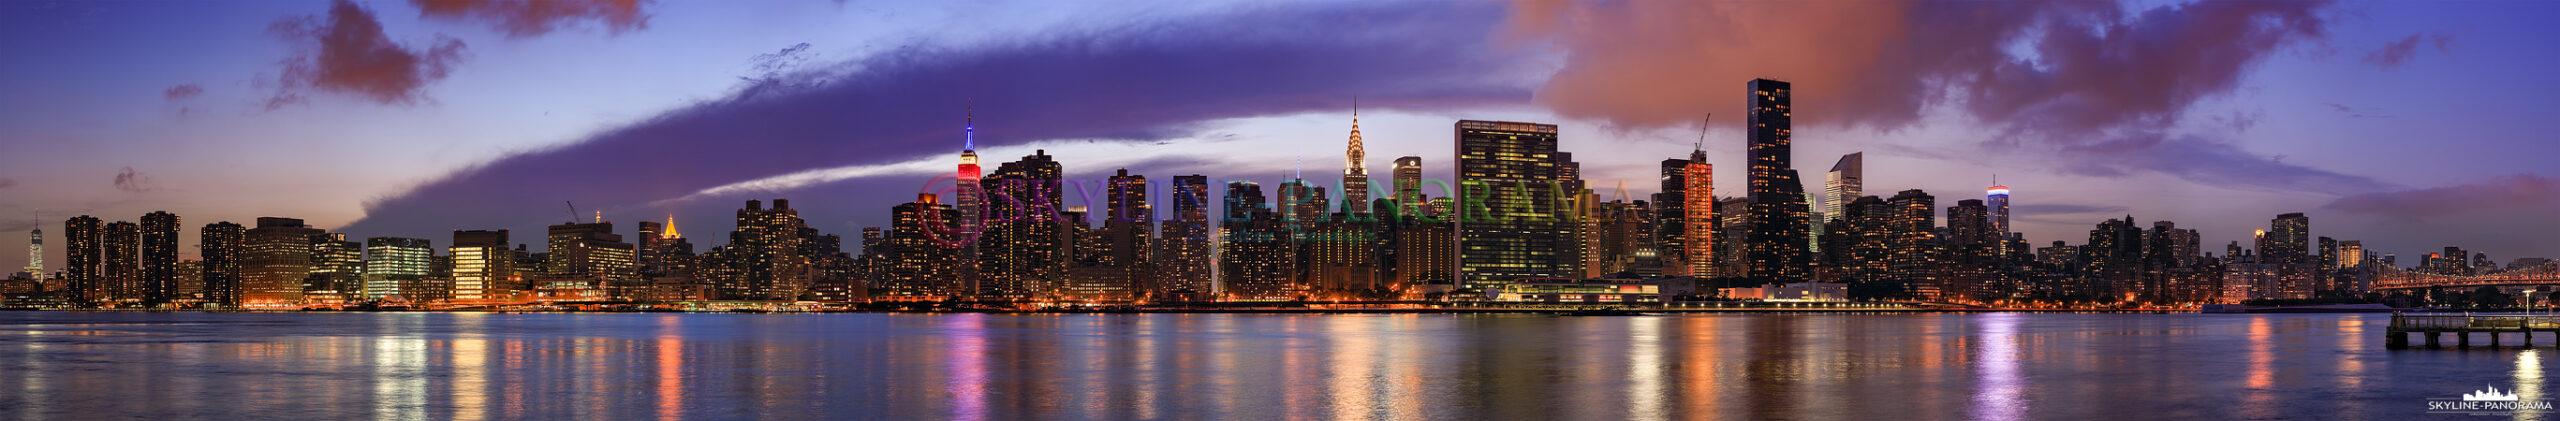 Panorama Manhattan - Die abendliche Skyline von Manhattan Midtown vom Gantry Plaza State Park in NY Queens gesehen. Von diesem Aussichtspunkt aus hat man einen fantastischen Blick auf die bekanntesten Wolkenkratzer von New York City – zum Beispiel das in den US - Nationalfarben Rot, Blau und Weiß beleuchtete Empire Sate Building, den Feedom Tower und das Chrysler Building - um nur einige zu nennen.